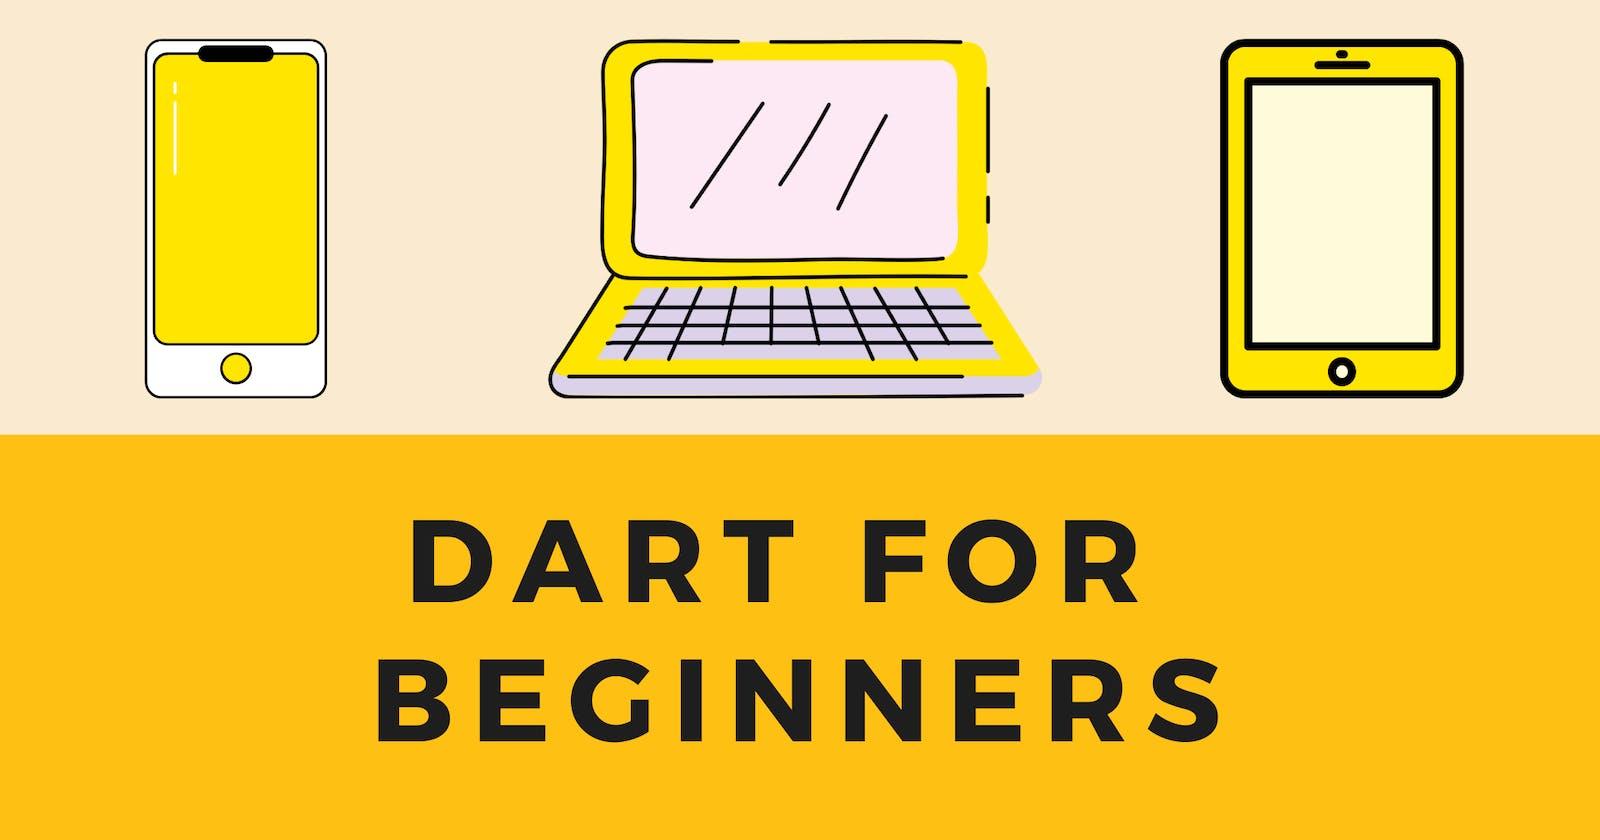 Dart for beginners - Part 1